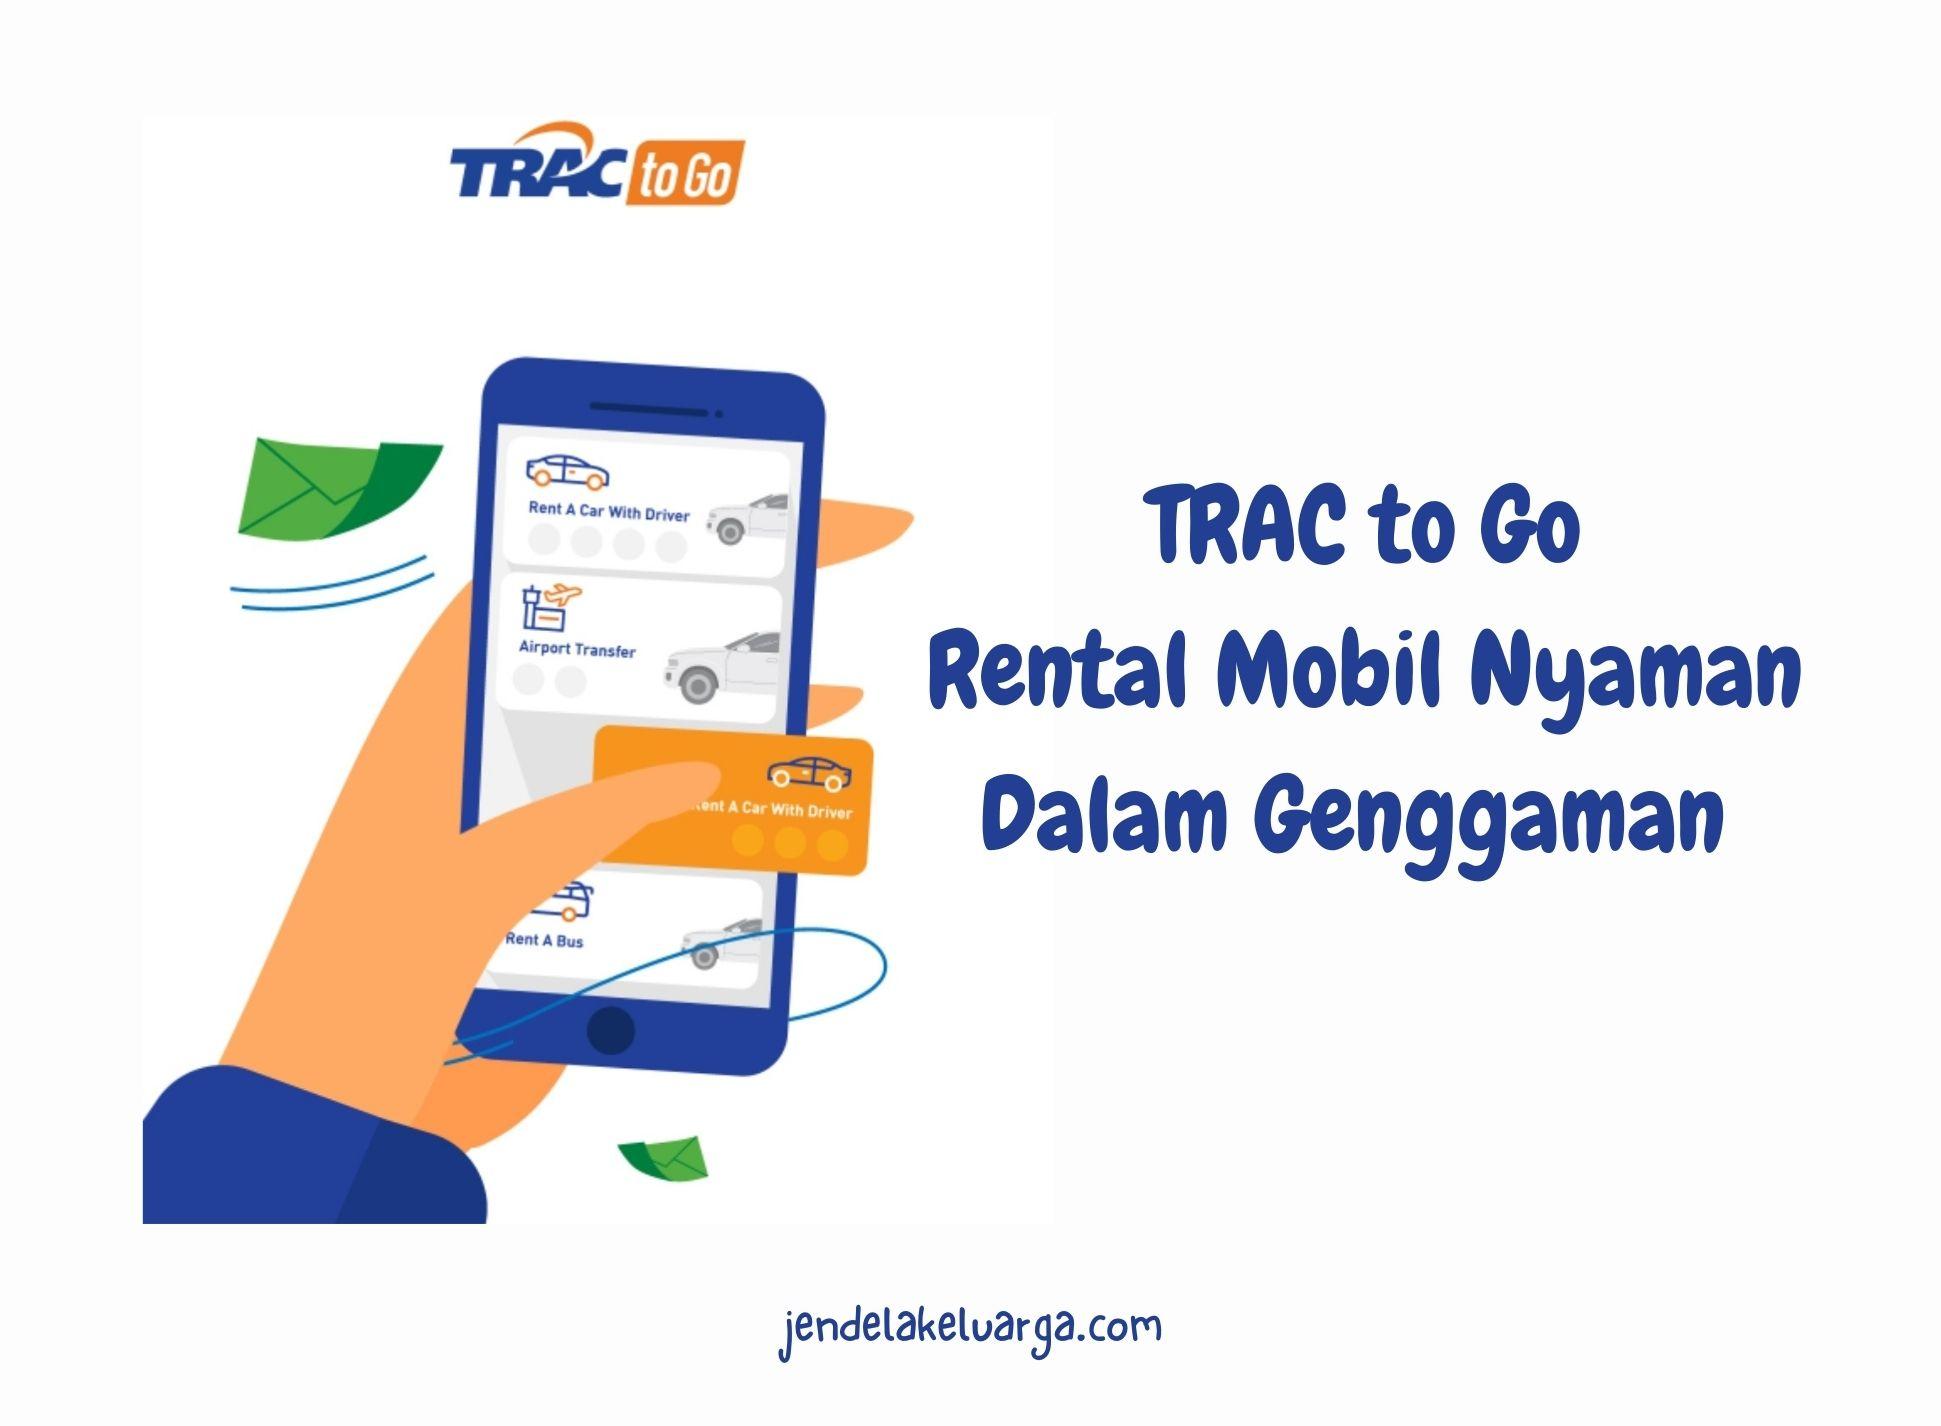 TRAC To Go Aplikasi Rental Mobil dalam Genggaman